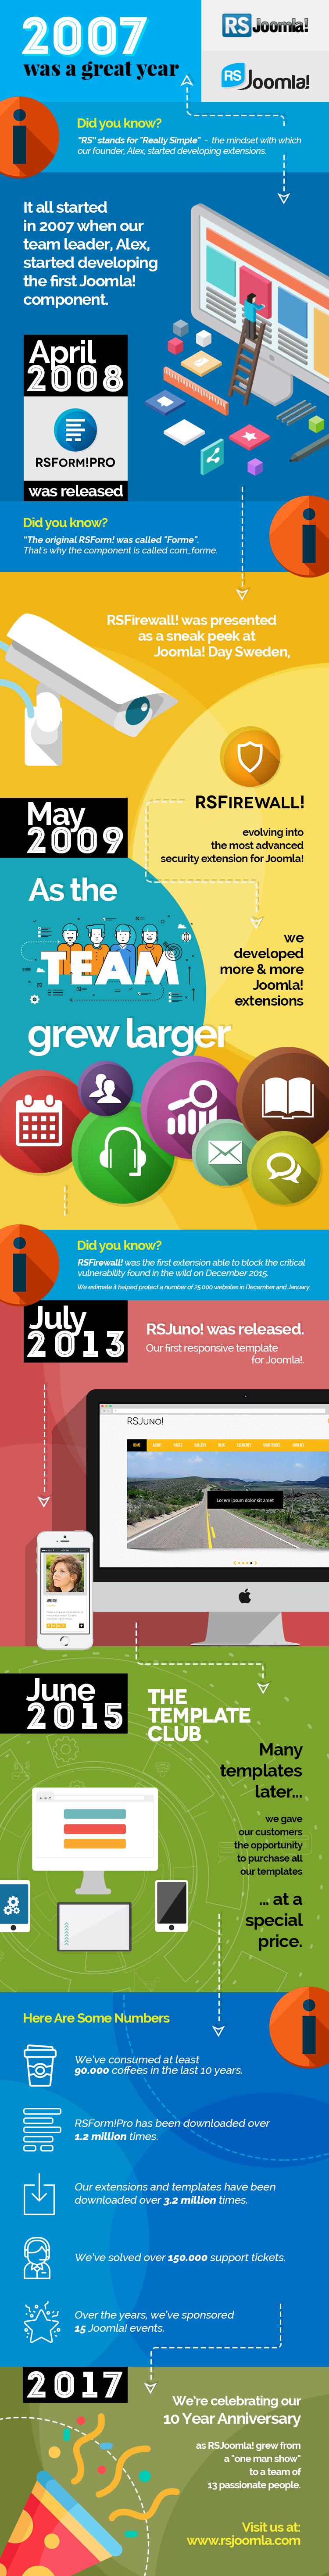 RSJoomla! infografic